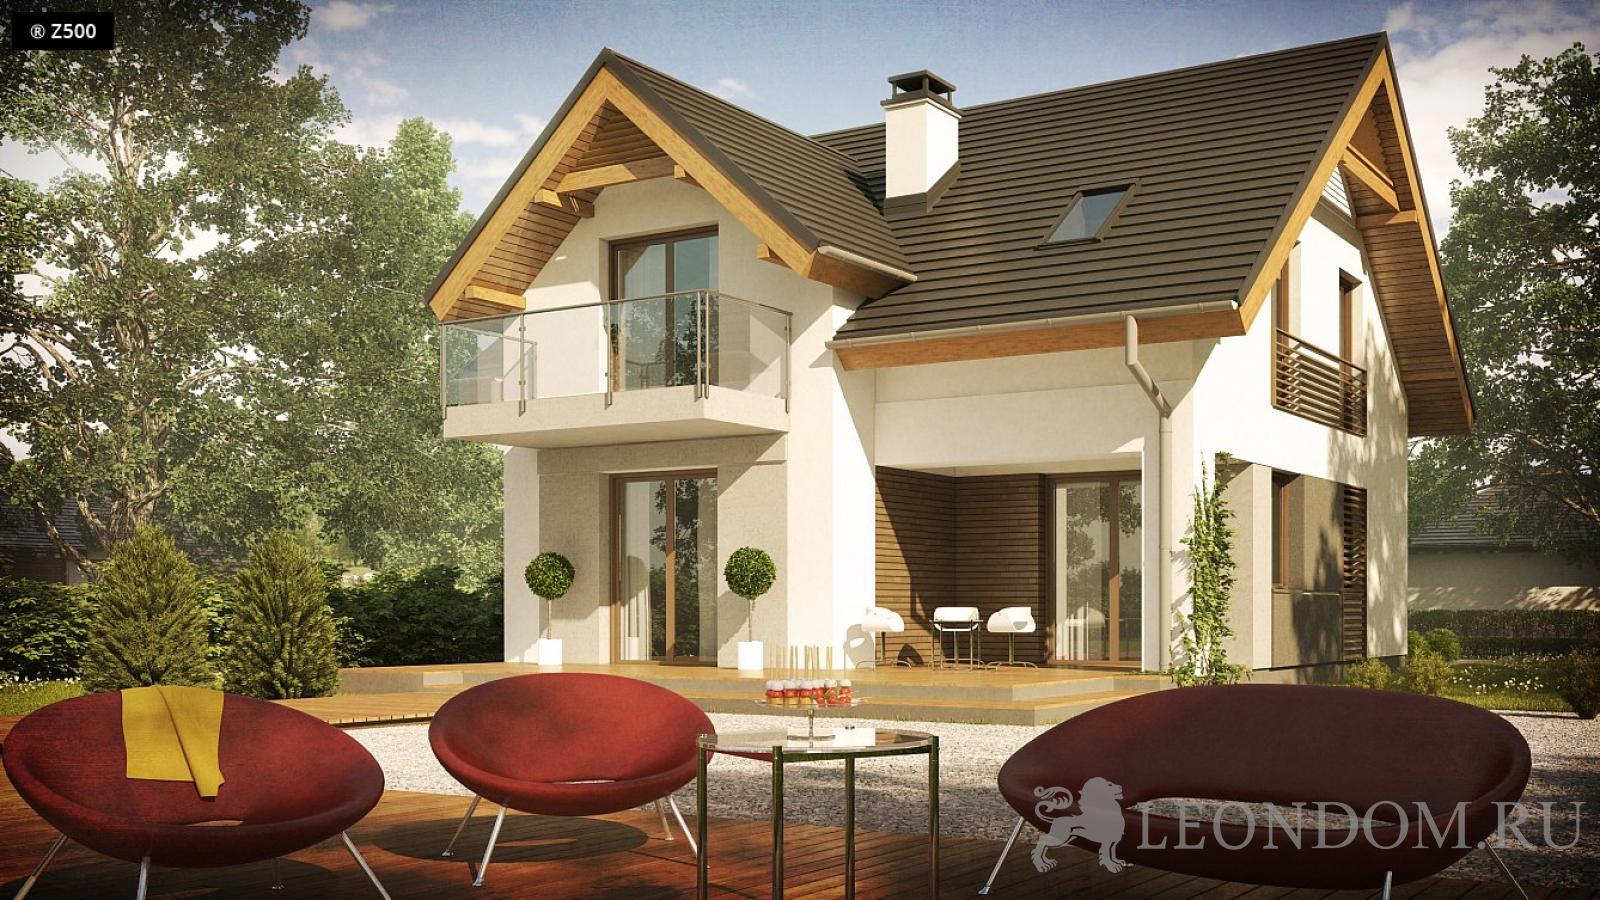 Проект небольшого дома - экономичный и простой в реализации .